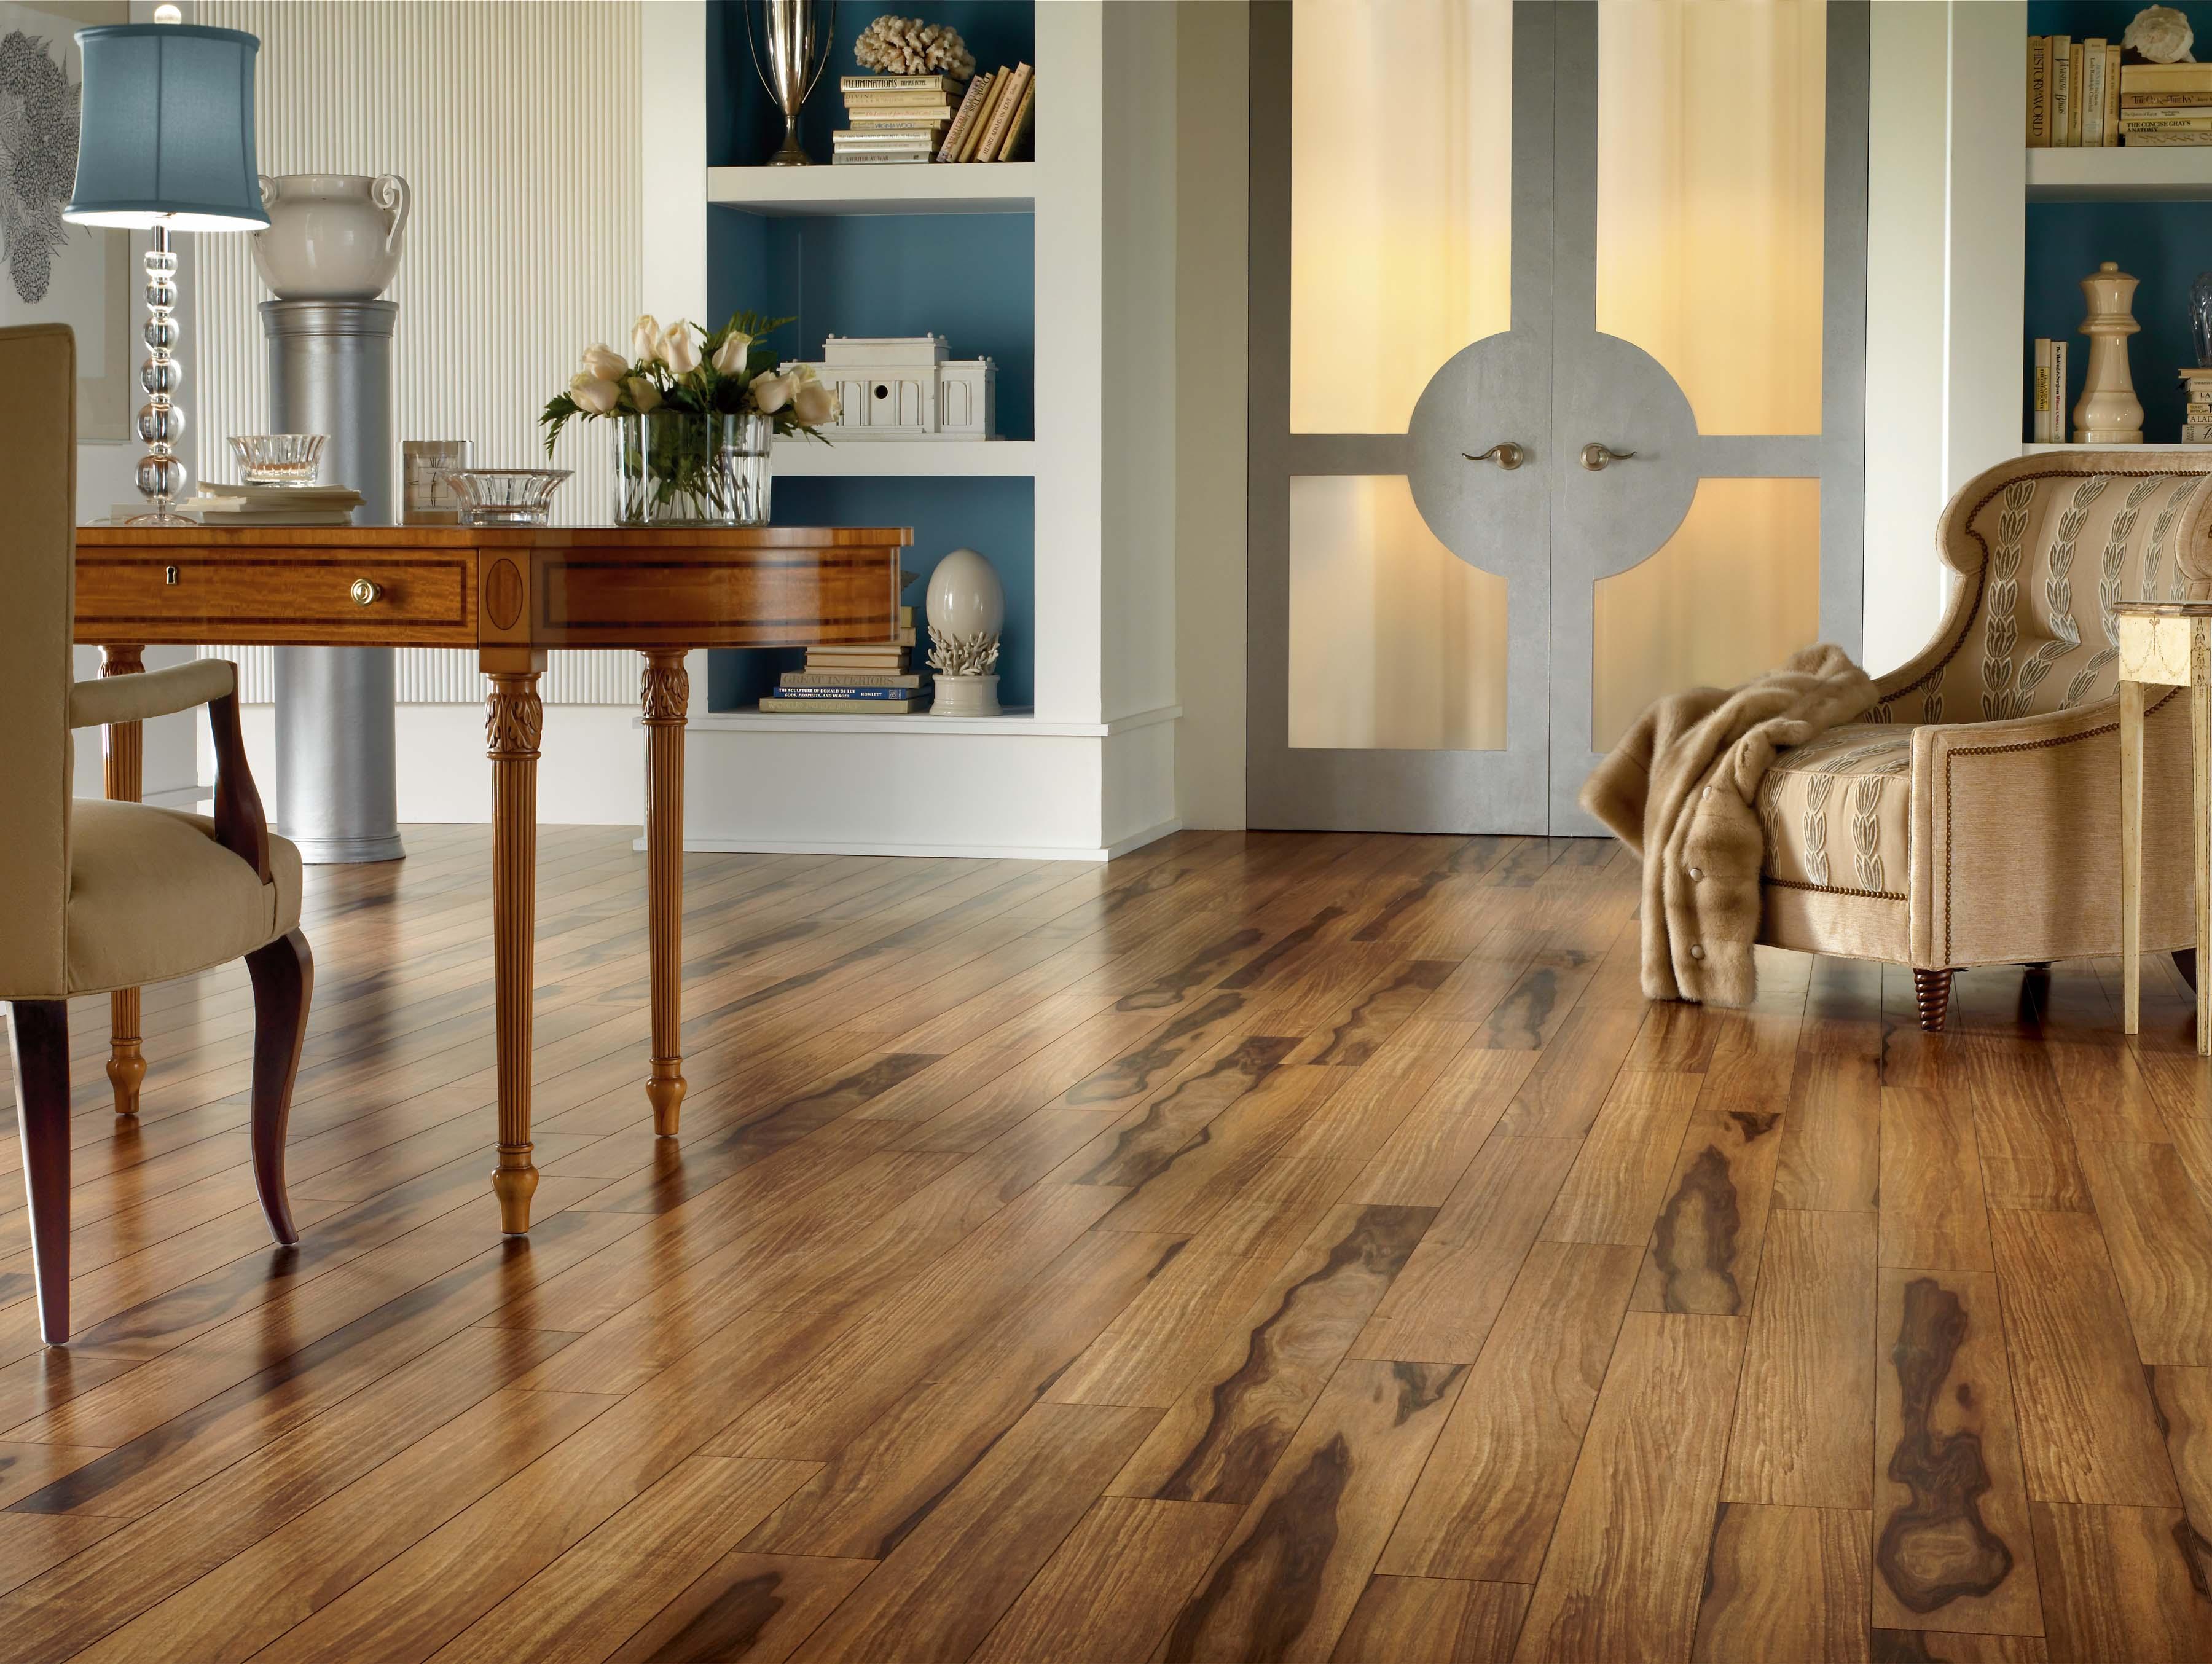 piso-laminado-estilo-clássico - Cópia